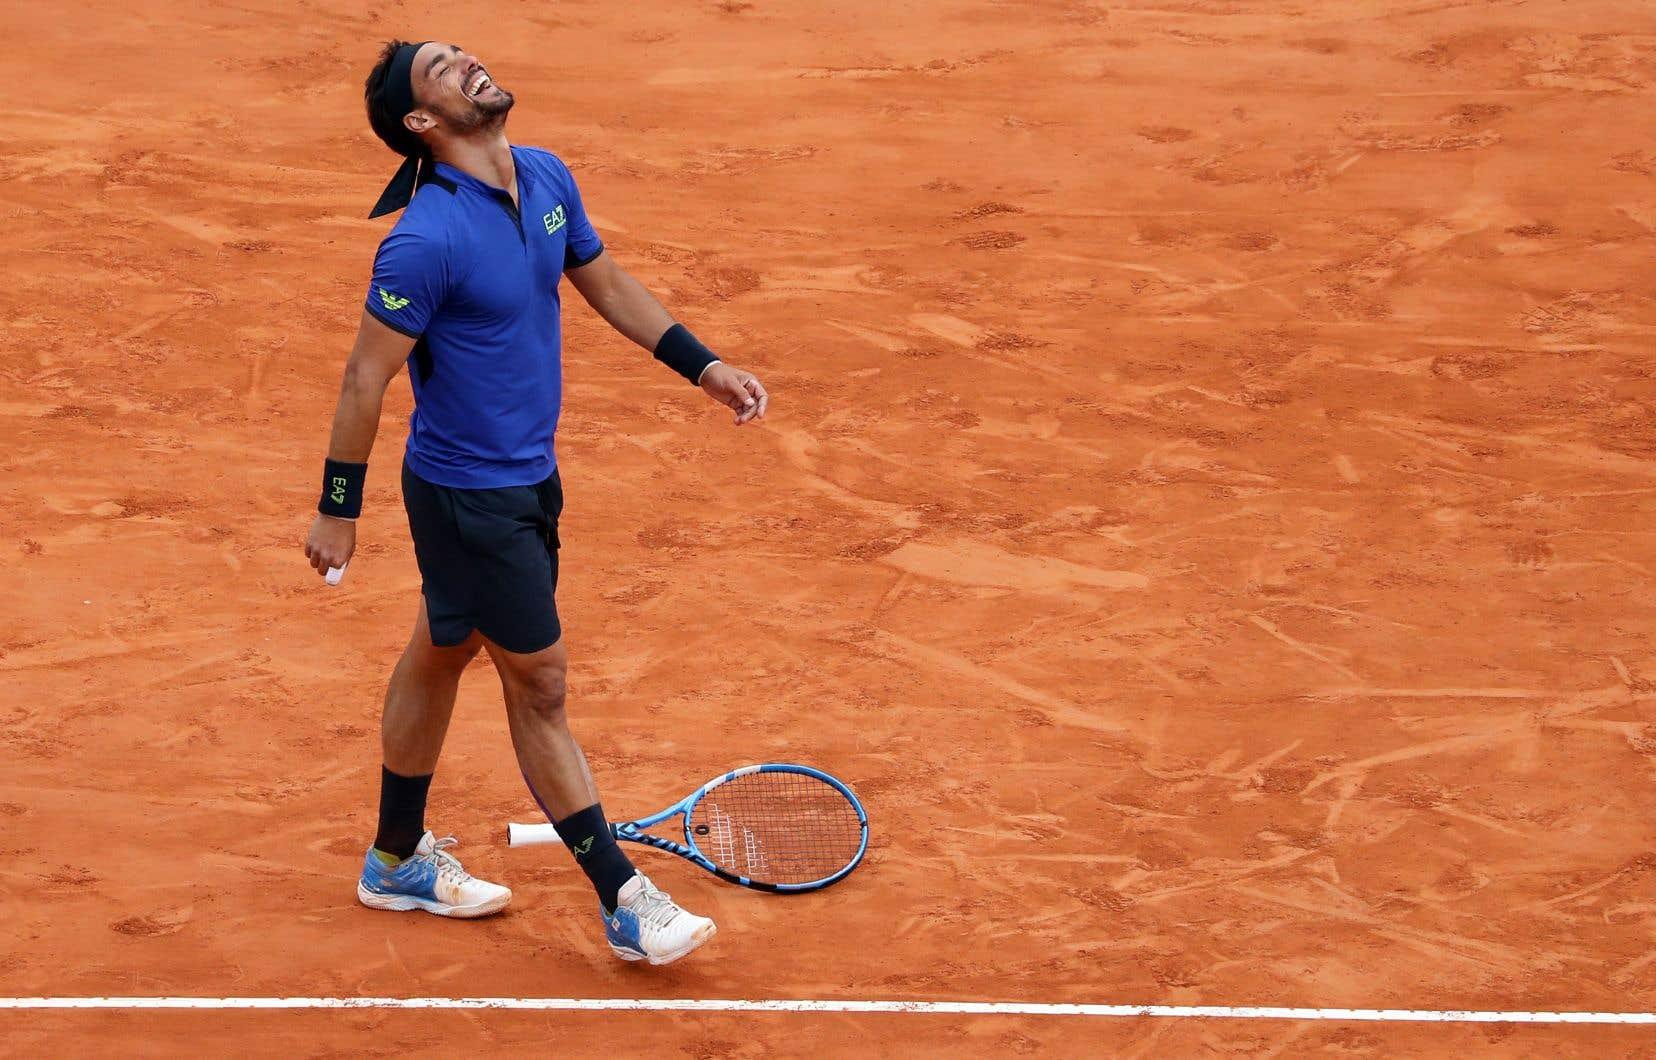 L'Italien Fabio Fognini célèbre sa victoire contre l'Espagnol Rafael Nadal lors de la demi-finale du tennis du tournoi Monte-Carlo ATP Masters Series à Monaco, le 20 avril 2019.